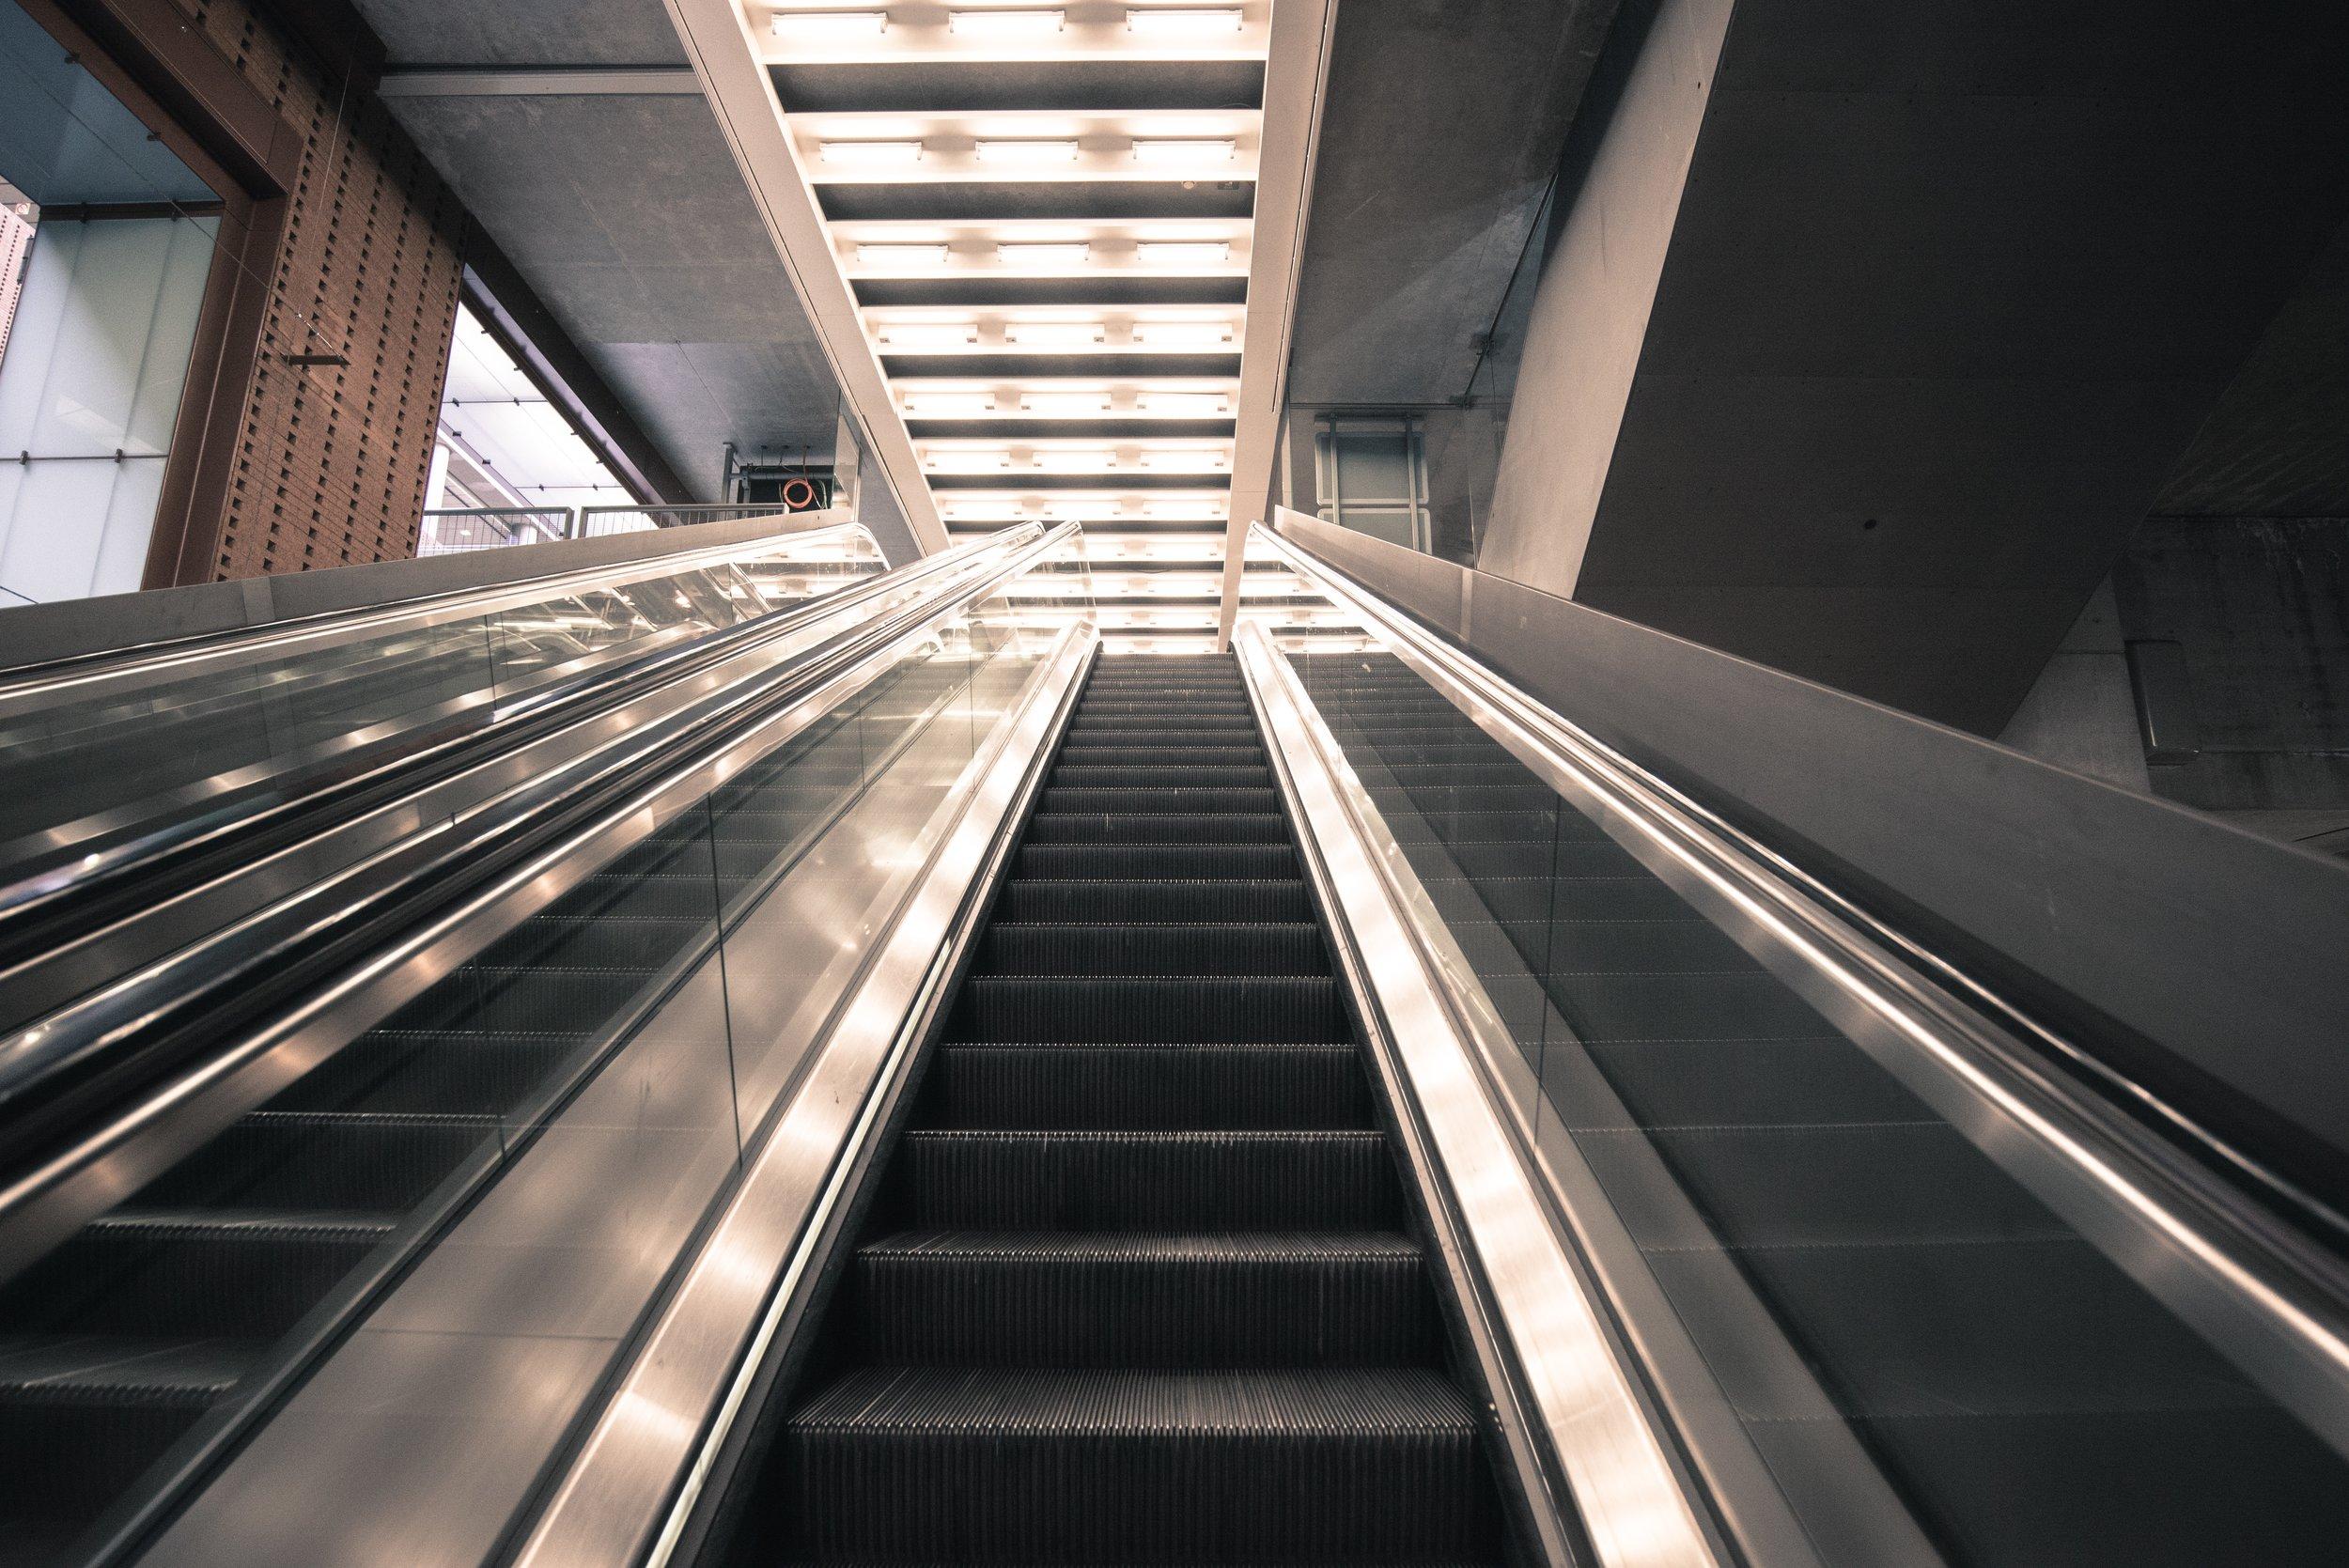 Cactus övervakar alla stationer och kritisk infrastruktur för Stockholms tunnelbana!